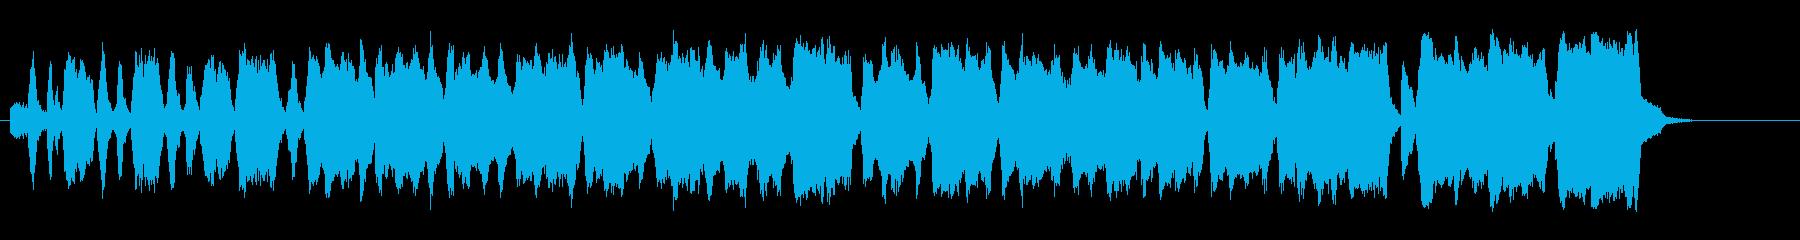 オーケストラノスタルジックサーカス...の再生済みの波形